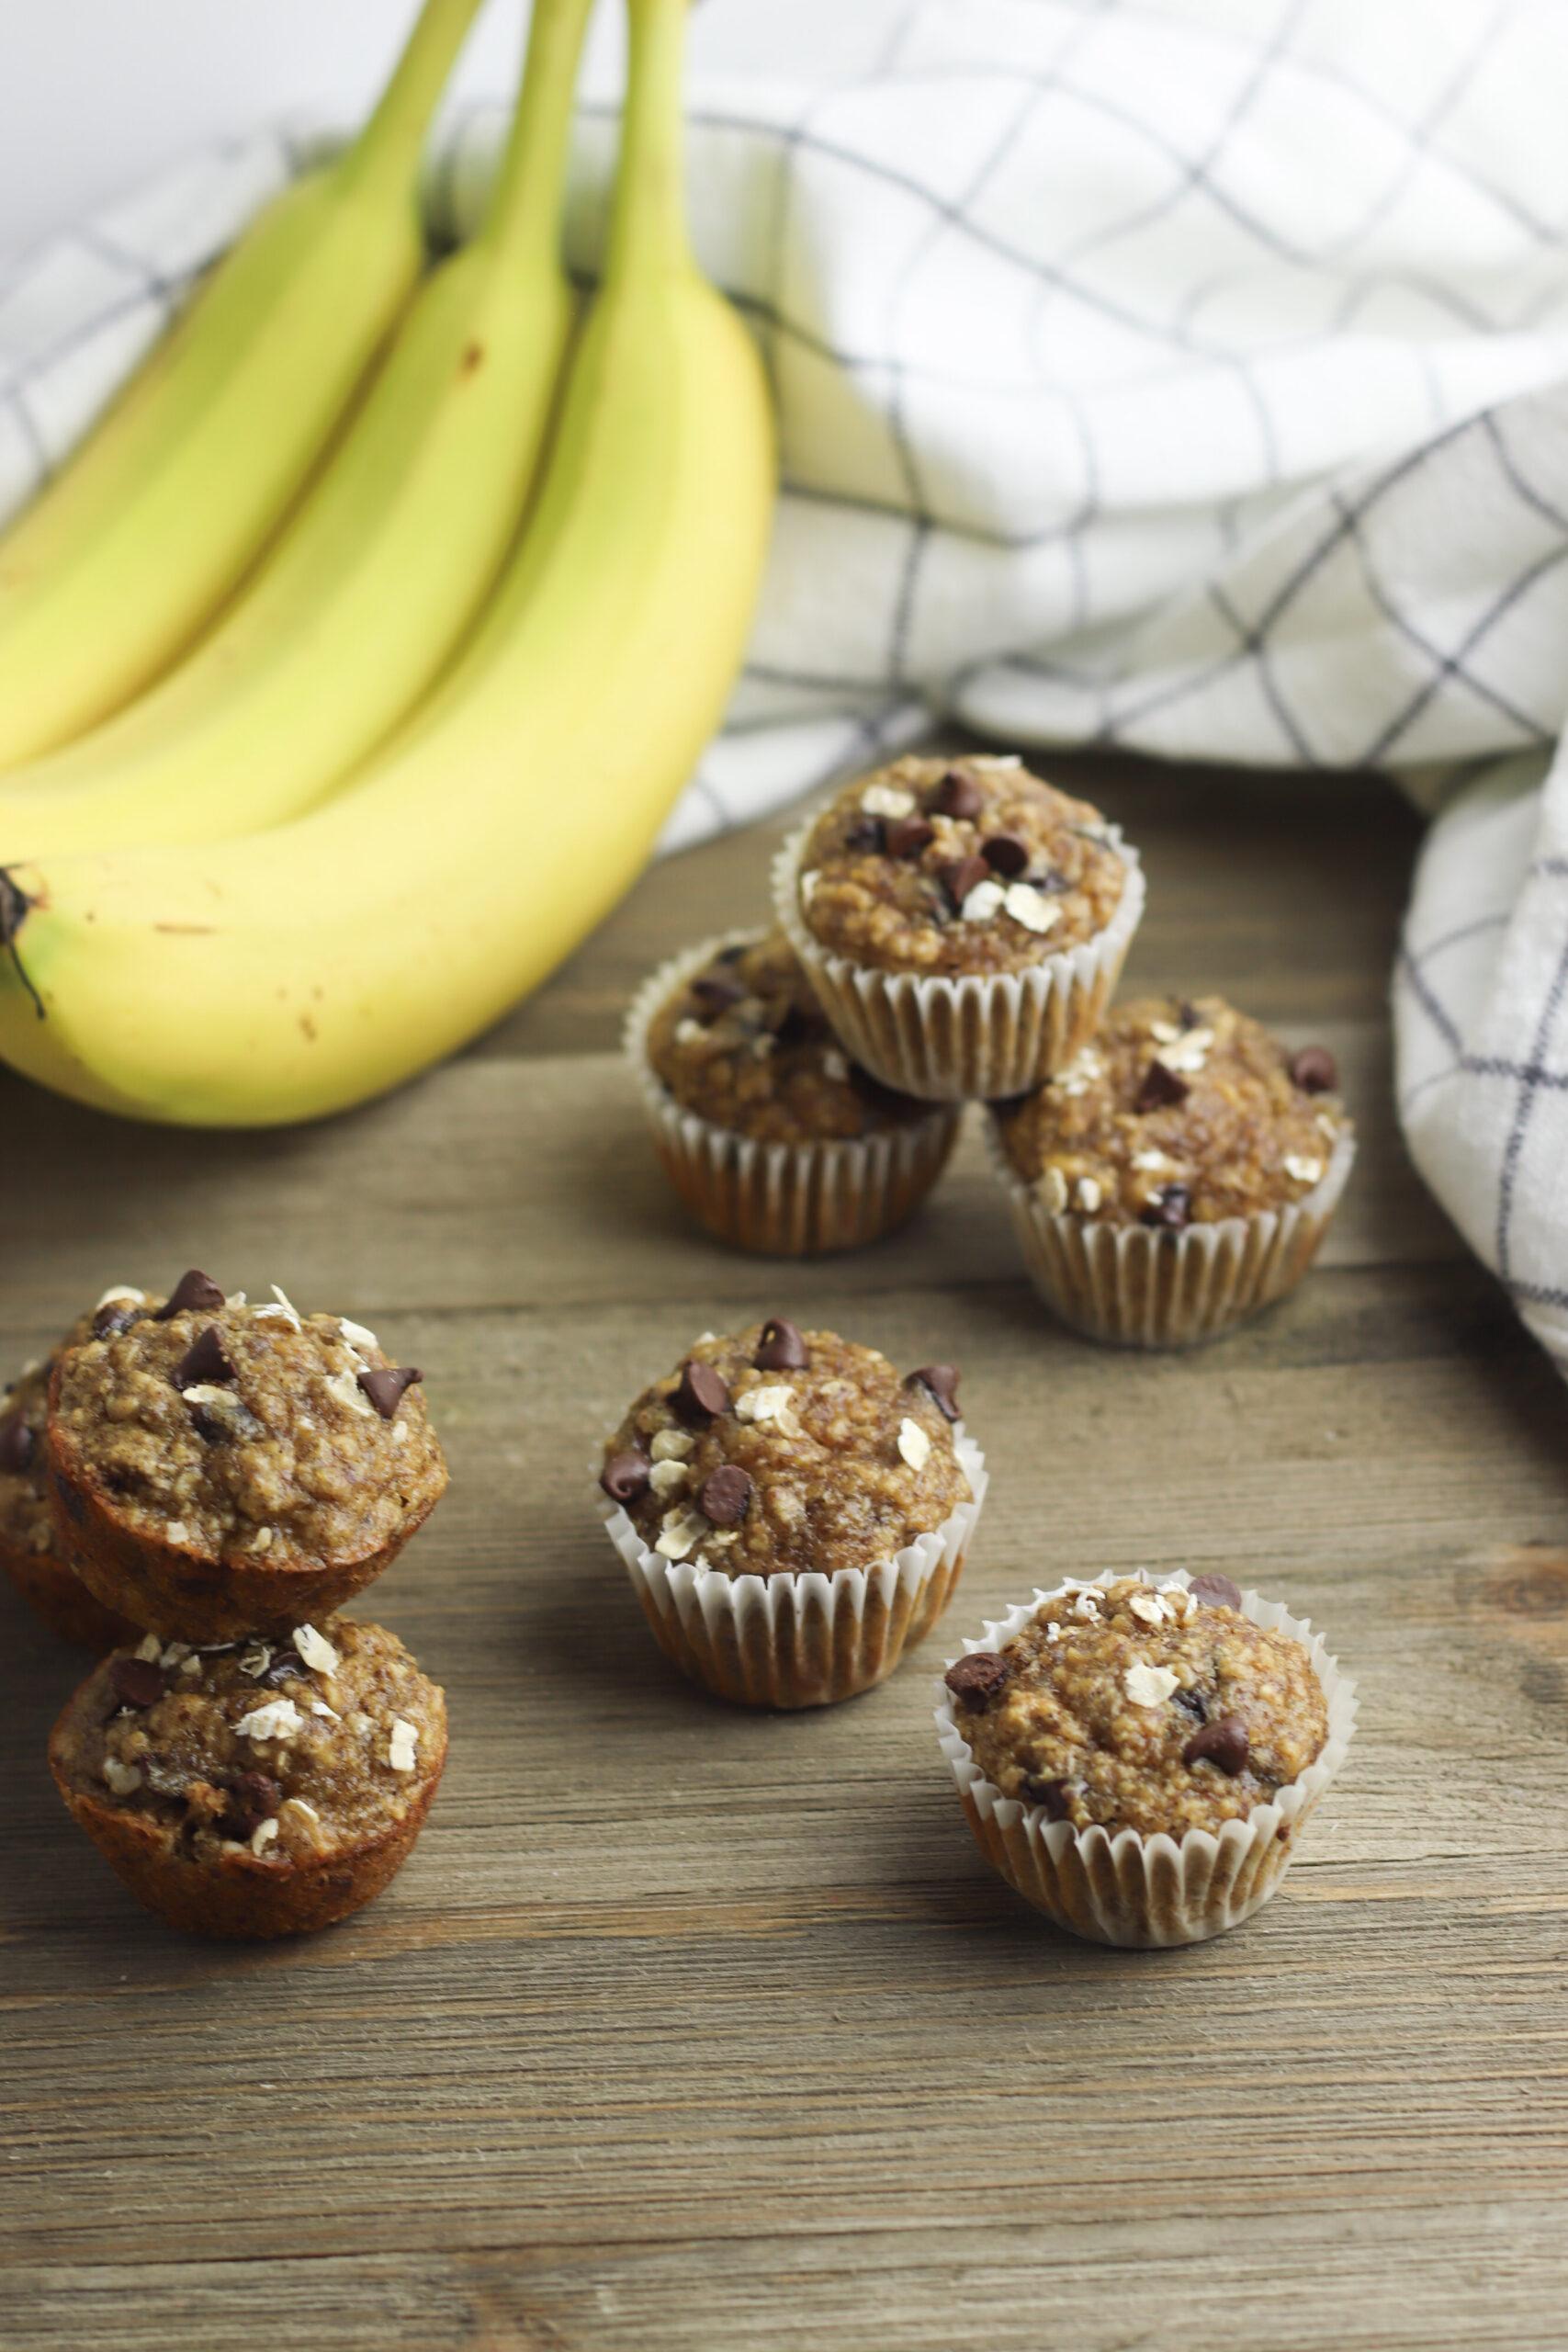 Peanut Butter Banana Oat Muffins